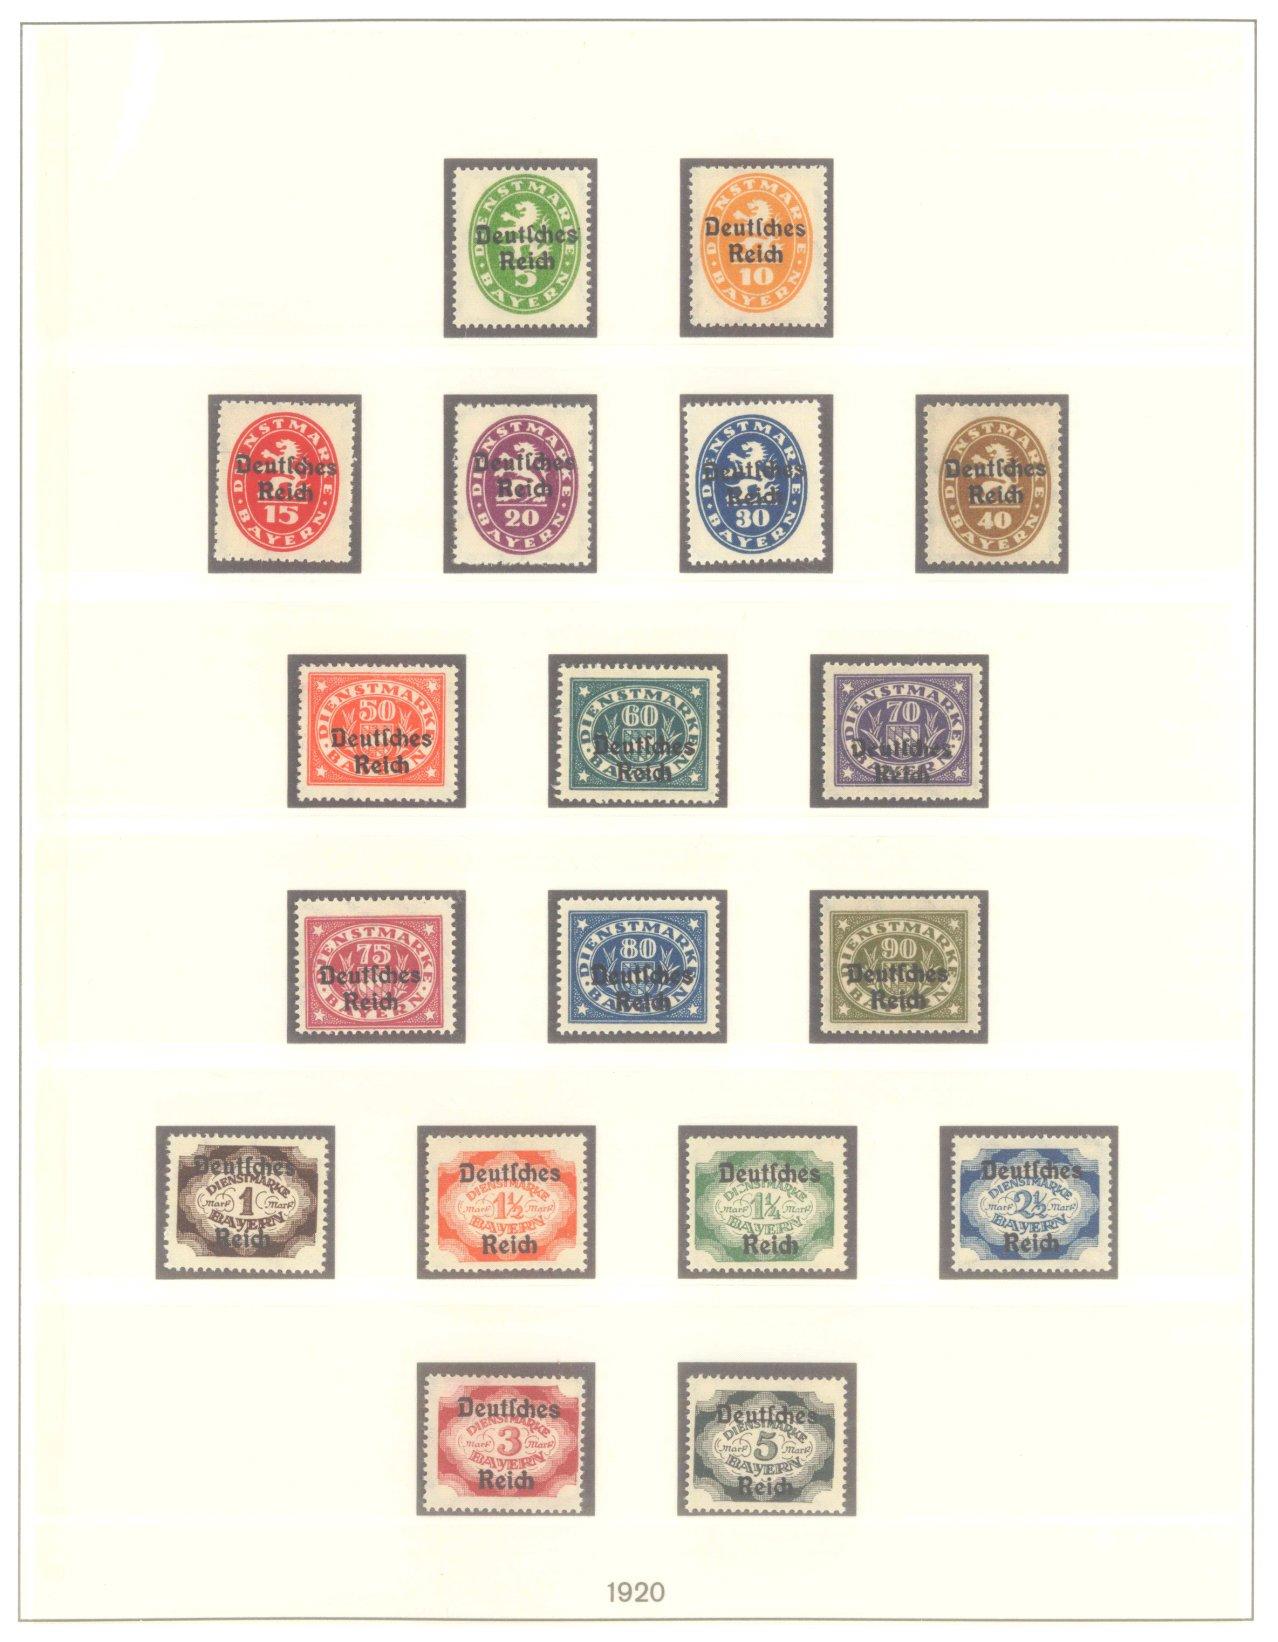 DEUTSCHES REICH INFLATIONSZEIT 1920-1923, Dienstmarken-1